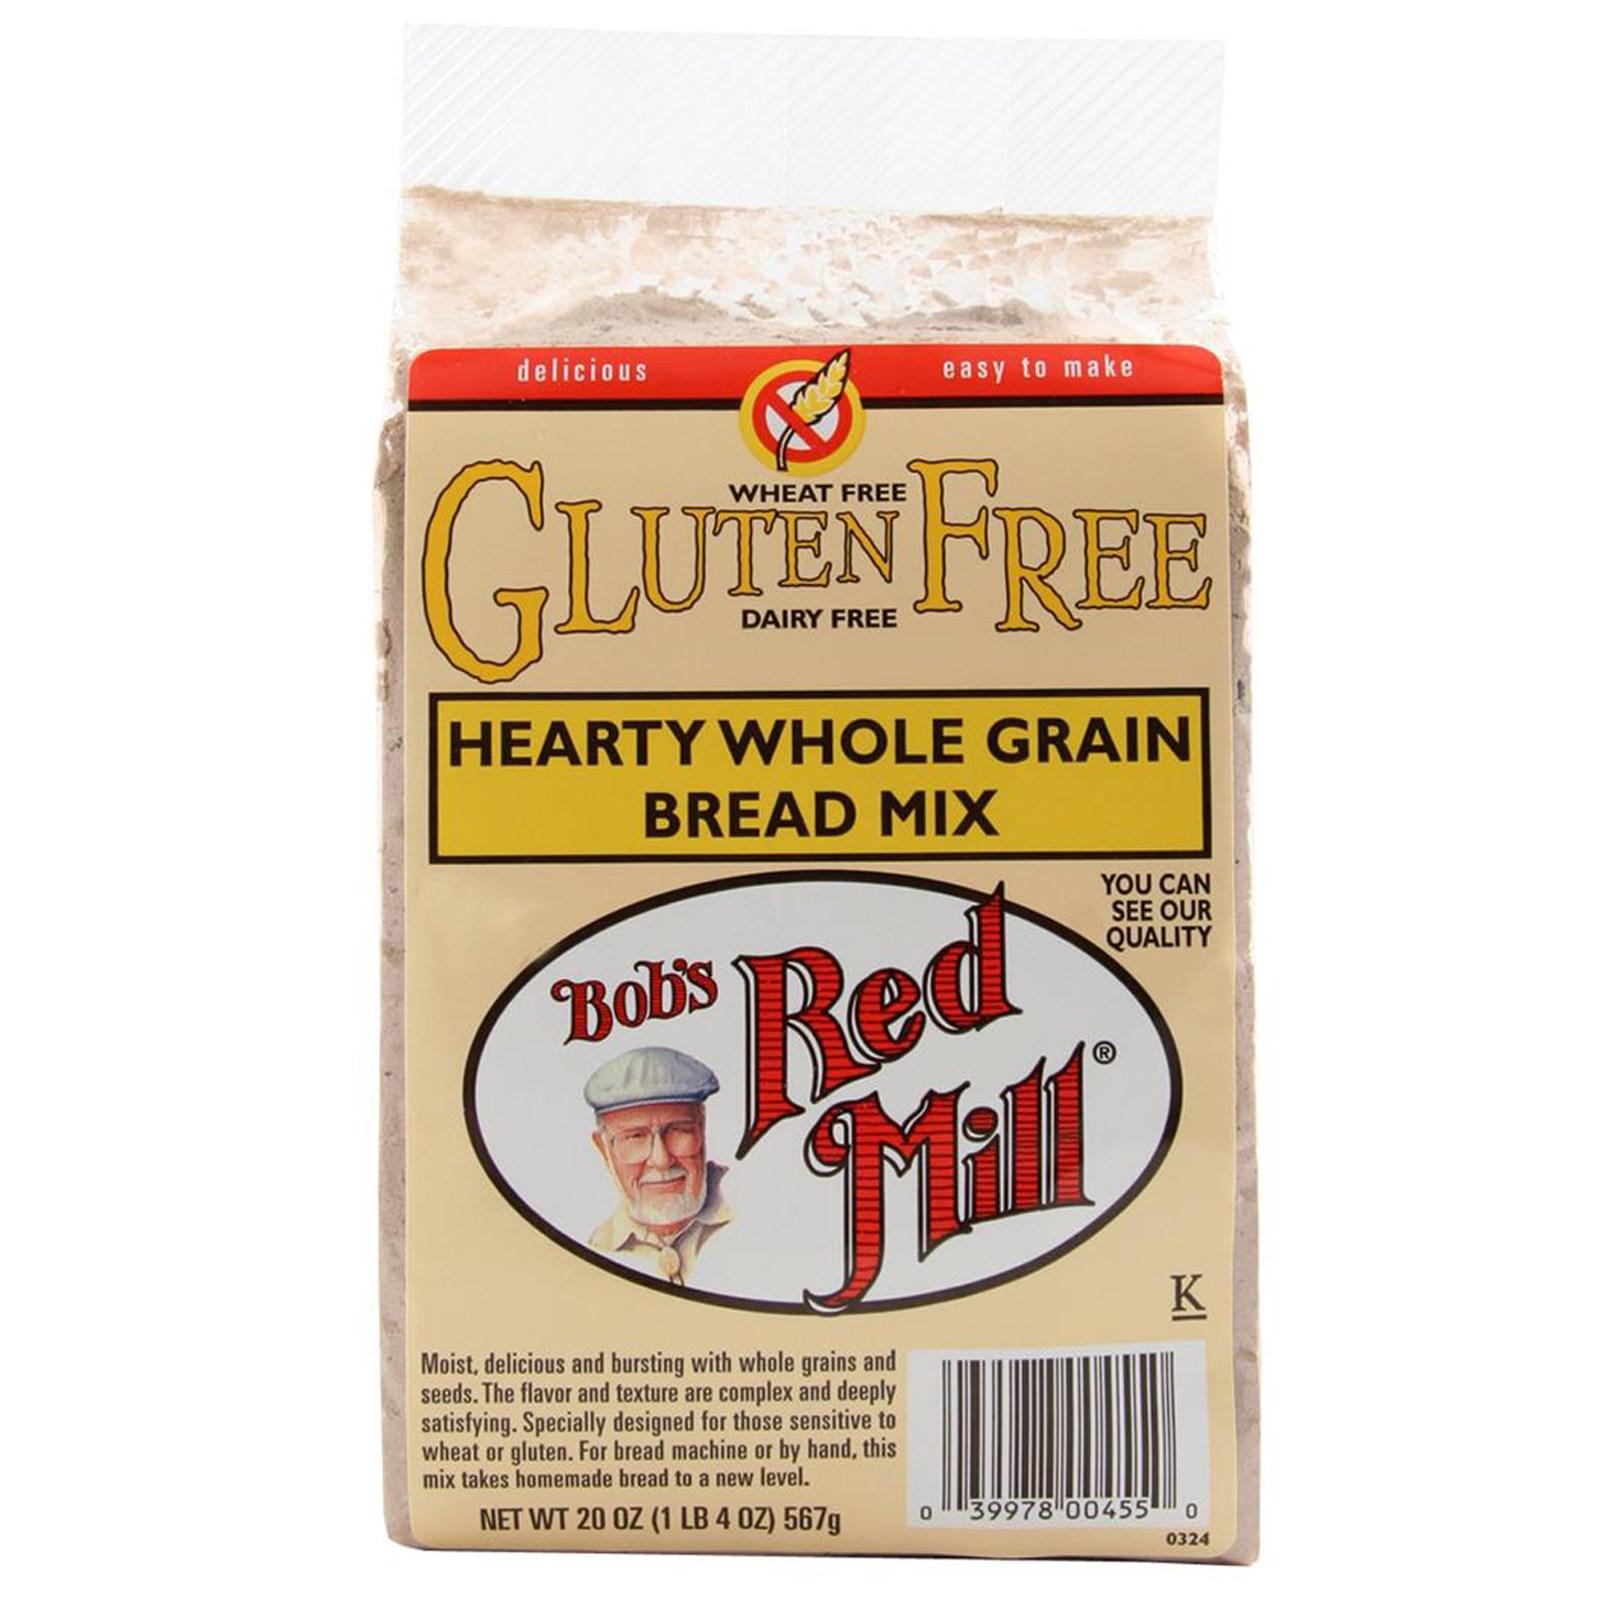 Bob's Red Mill Gluten Free Hearty Whole Grain Bread Mix 4